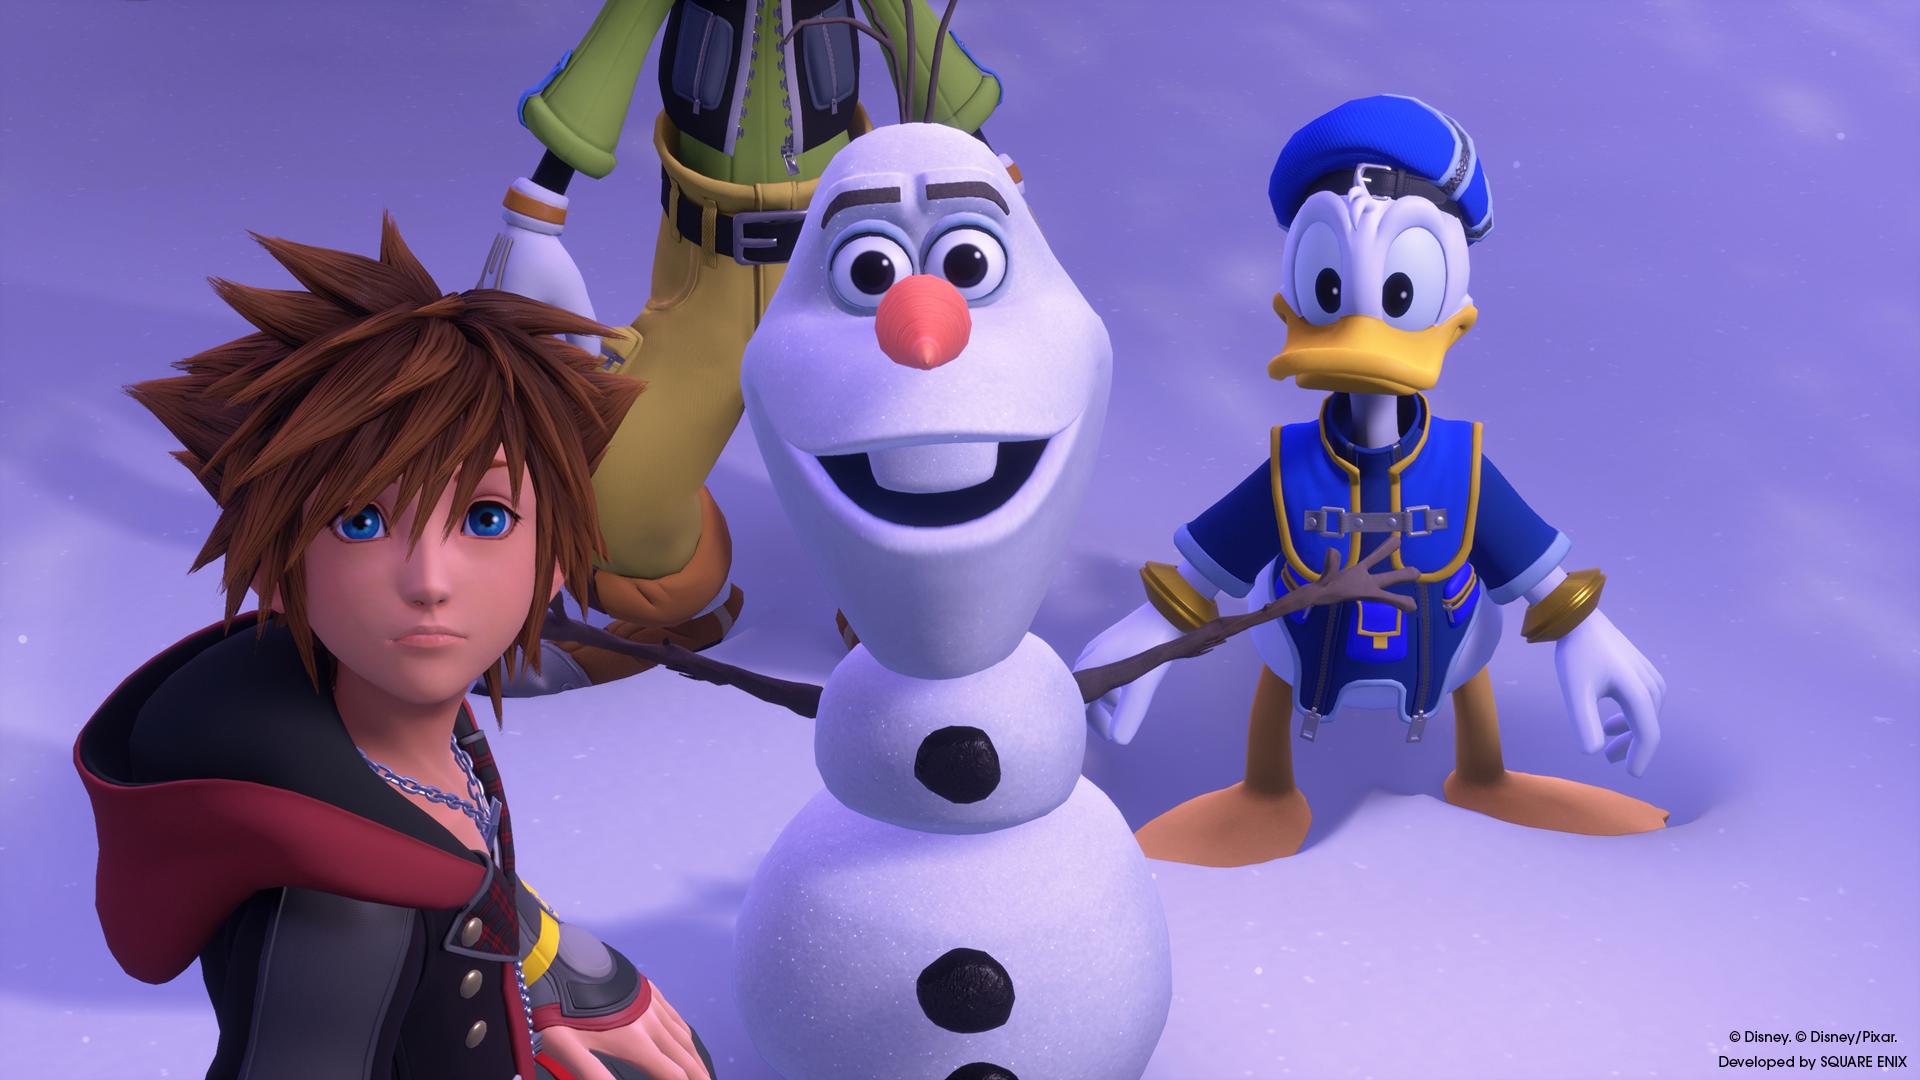 """Disney-Remix in Kingdom Hearts III: Wenn Goofy und Donald auf Olaf aus """"Die Eiskönigin"""" treffen."""